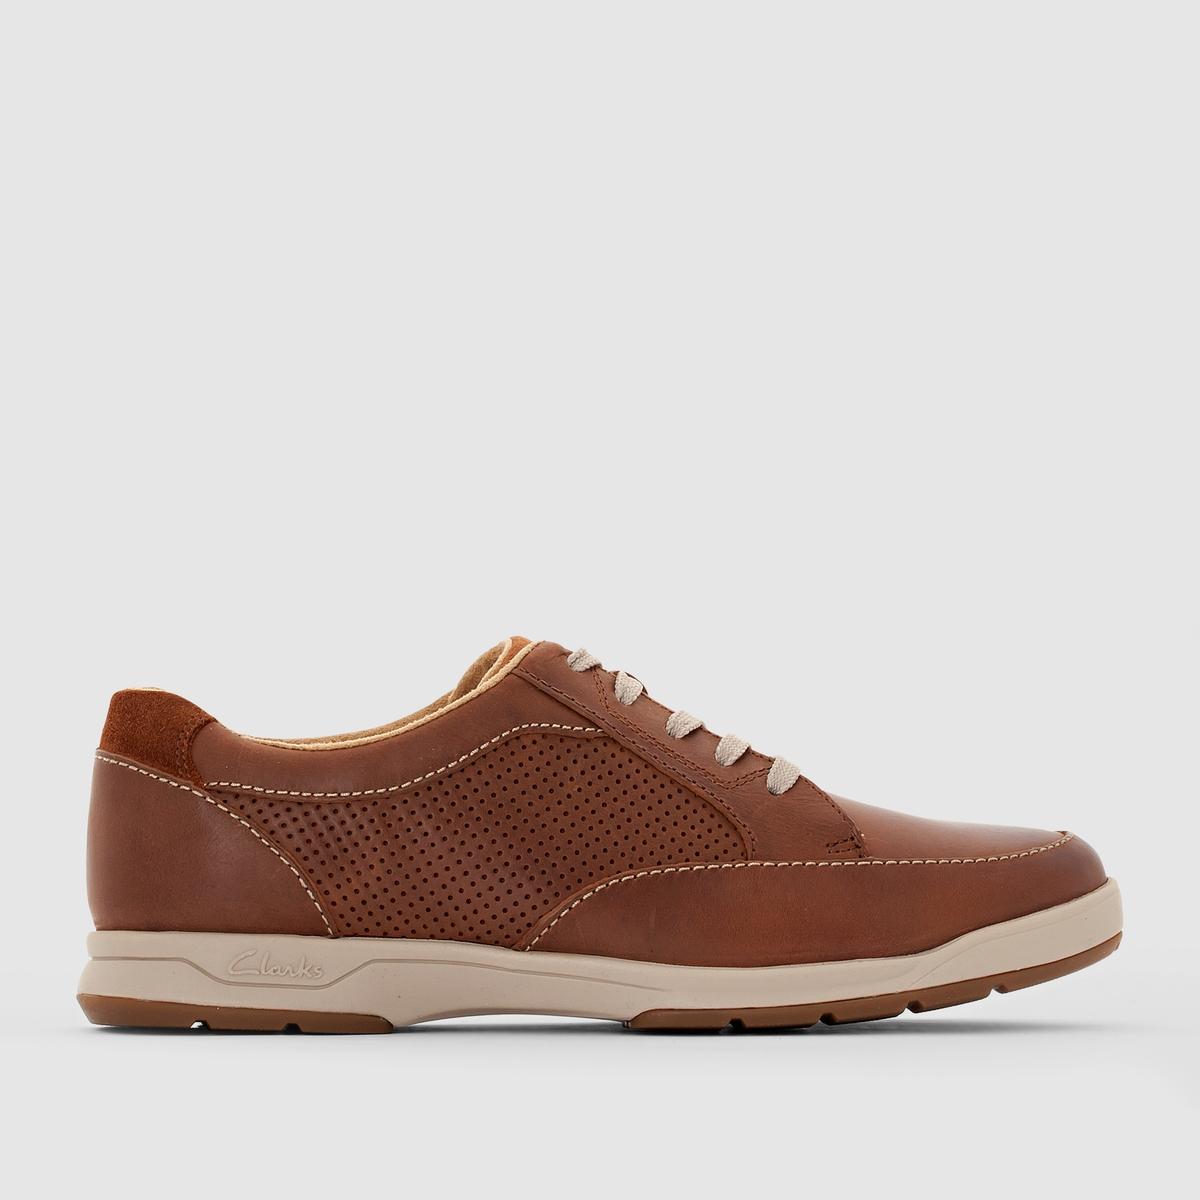 Ботинки-дерби CLARKS Stafford Park5Из кожи, легендарное умение марки Clarks и одновременно знаменитая и классная линия: воспользуемся этими ботинками-дерби для своего комфорта и стиля. Сочетать с одеждой в стиле кэжуал.<br><br>Цвет: темно-коричневый<br>Размер: 41